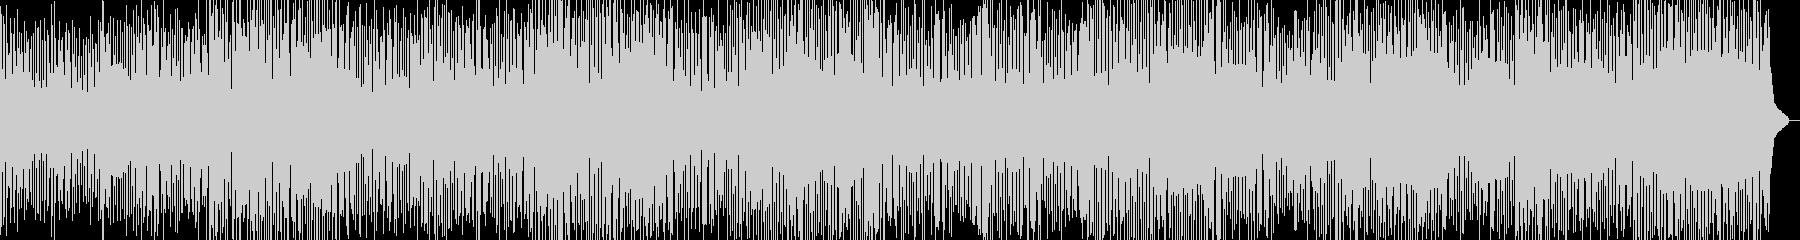 スリル感のあるアコースティックなファンクの未再生の波形